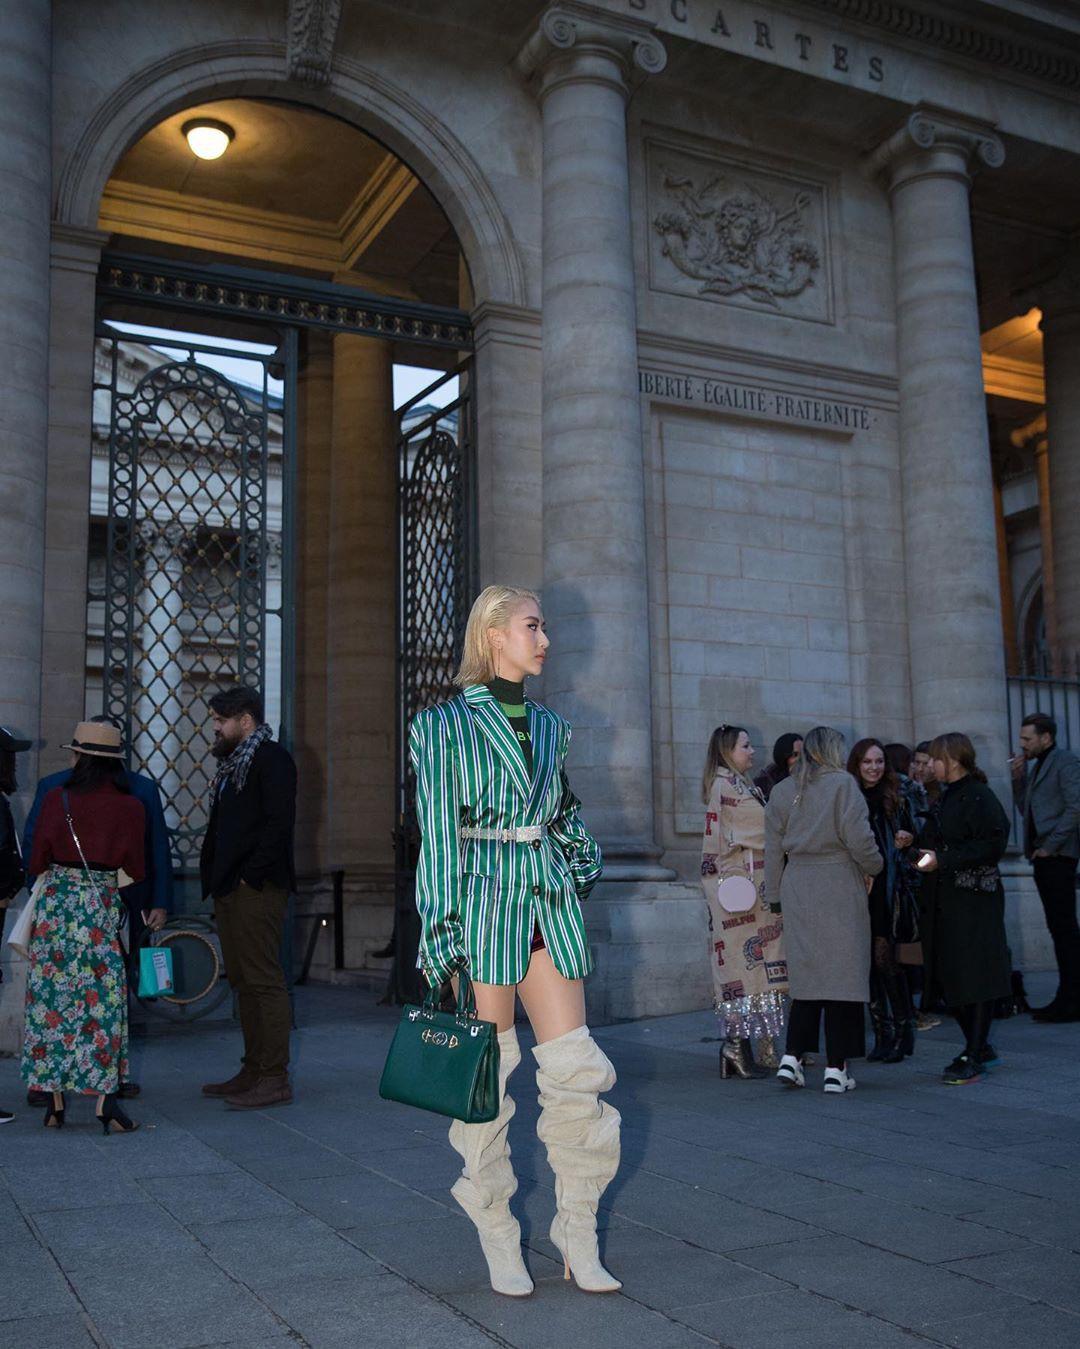 Xét khoản mặc dị tại Paris Fashion Week mùa này, Quỳnh Anh Shyn mà nhận hạng 2 chắc không ai dám làm số 1 - Ảnh 9.